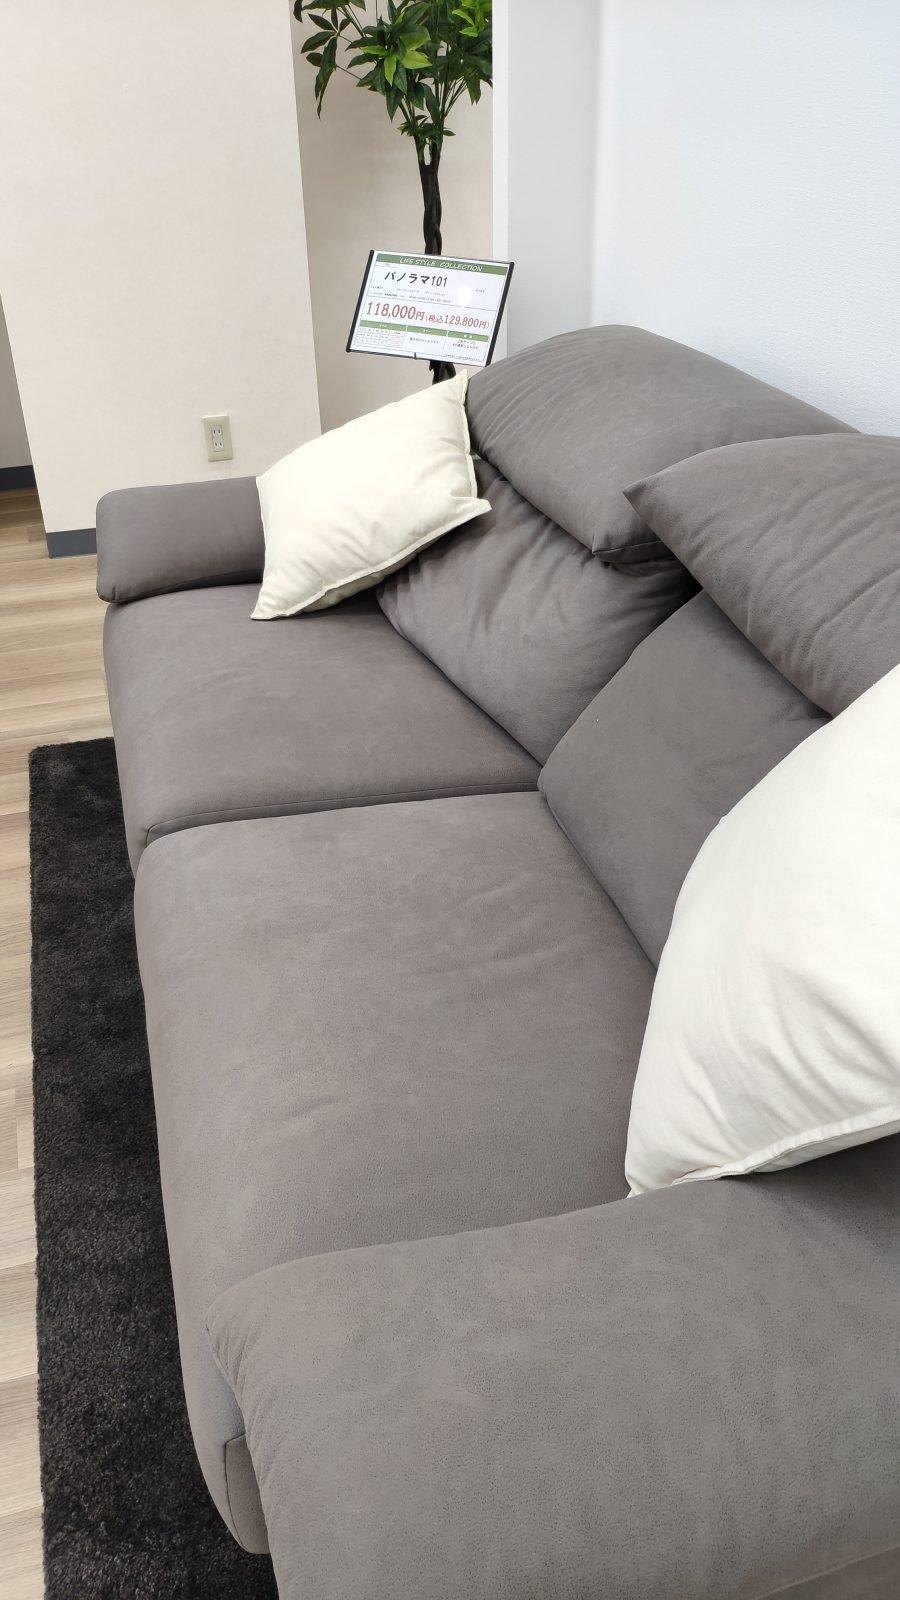 座り心地の良い本革のソファーは約13万円